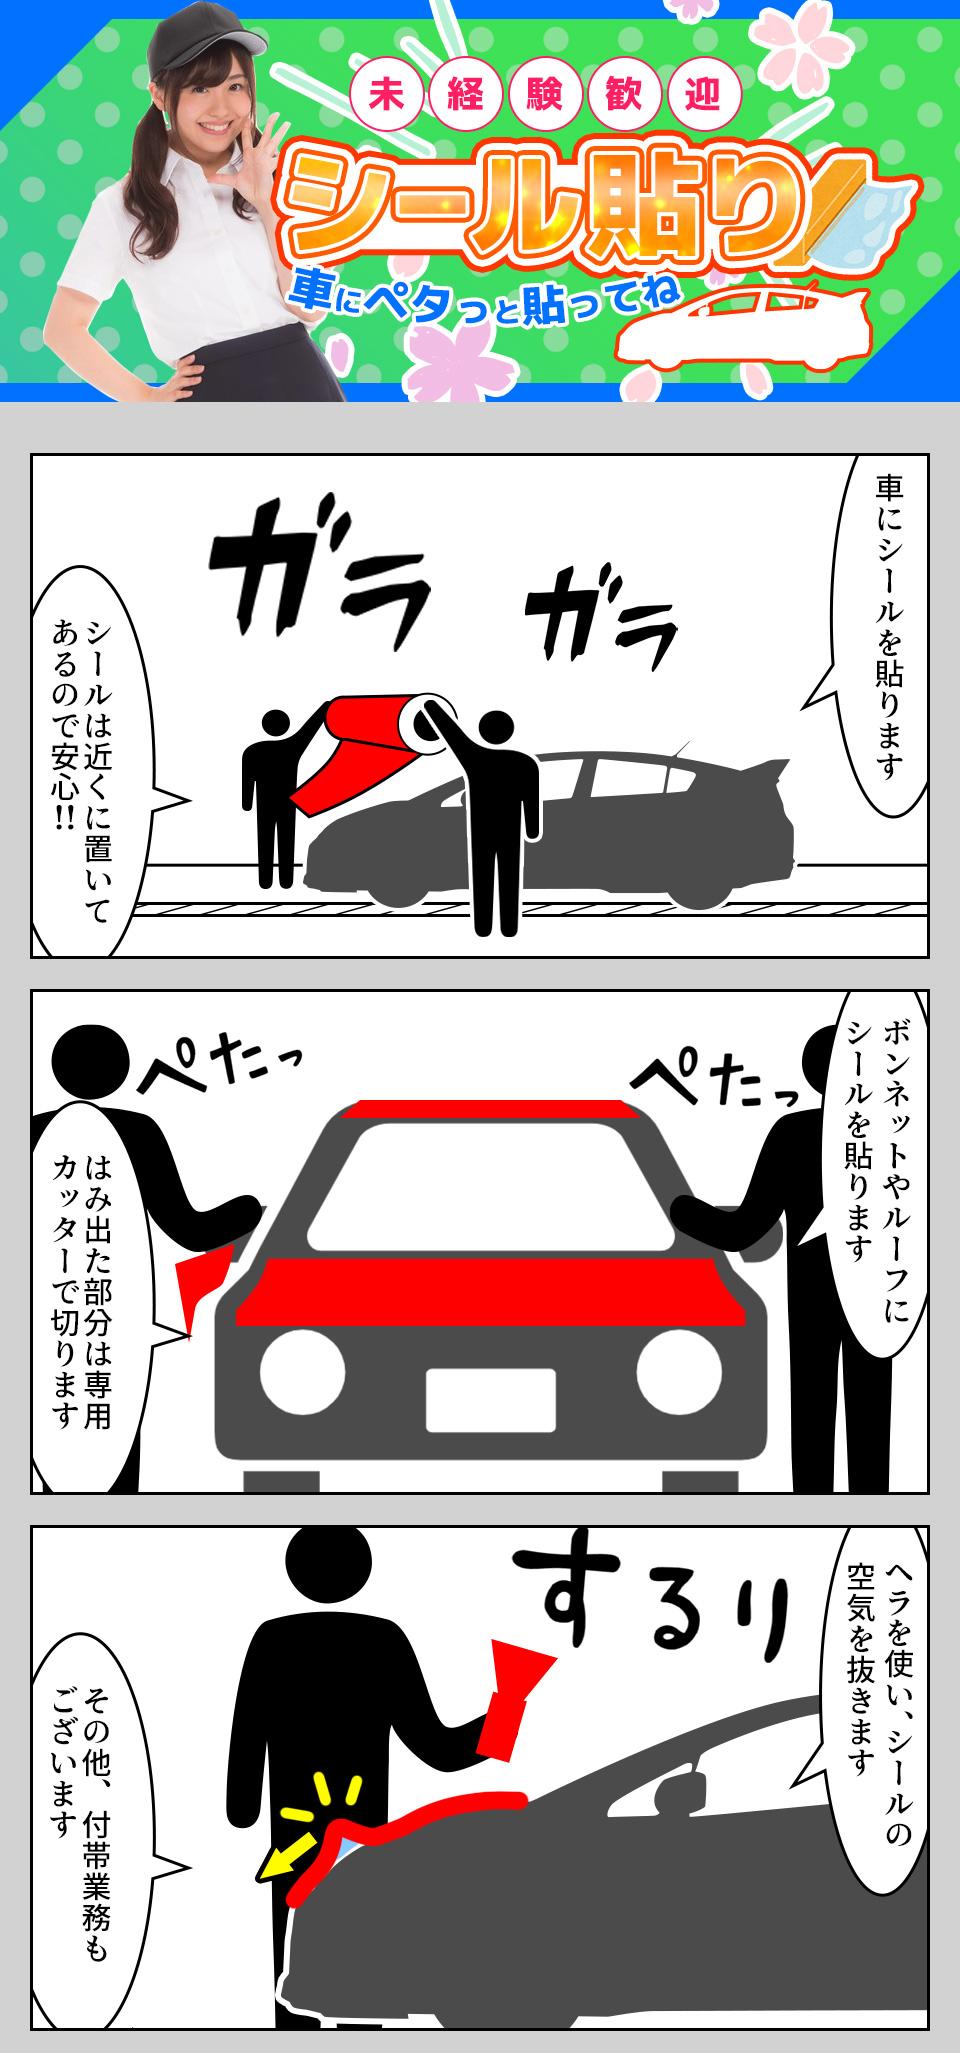 車の保護シール貼り 愛知県豊橋市の派遣社員求人